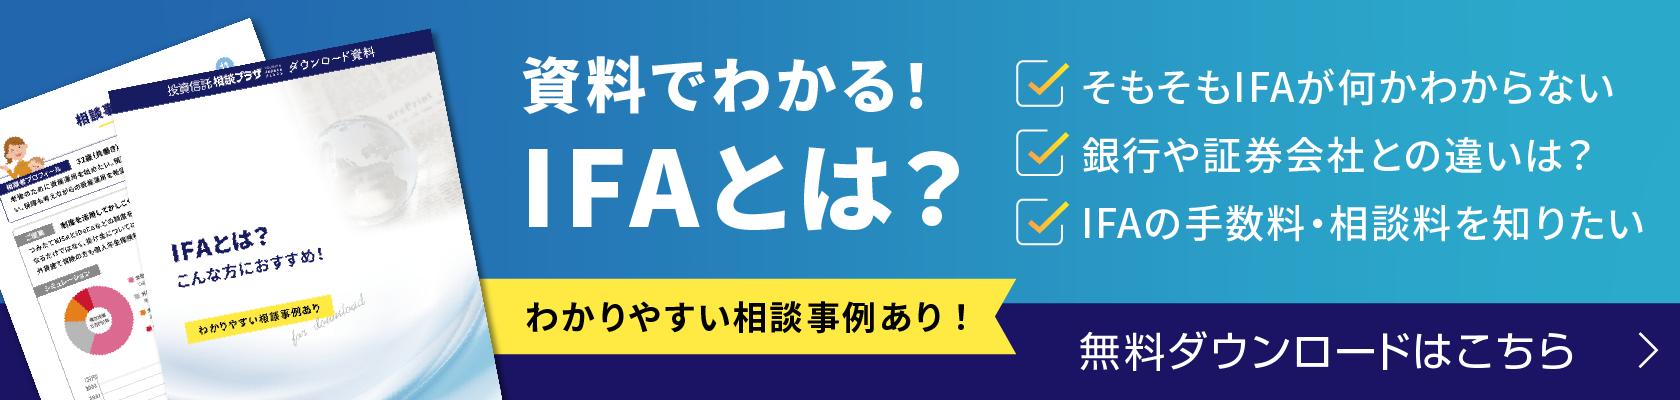 資料ダウンロード「IFAとは?」